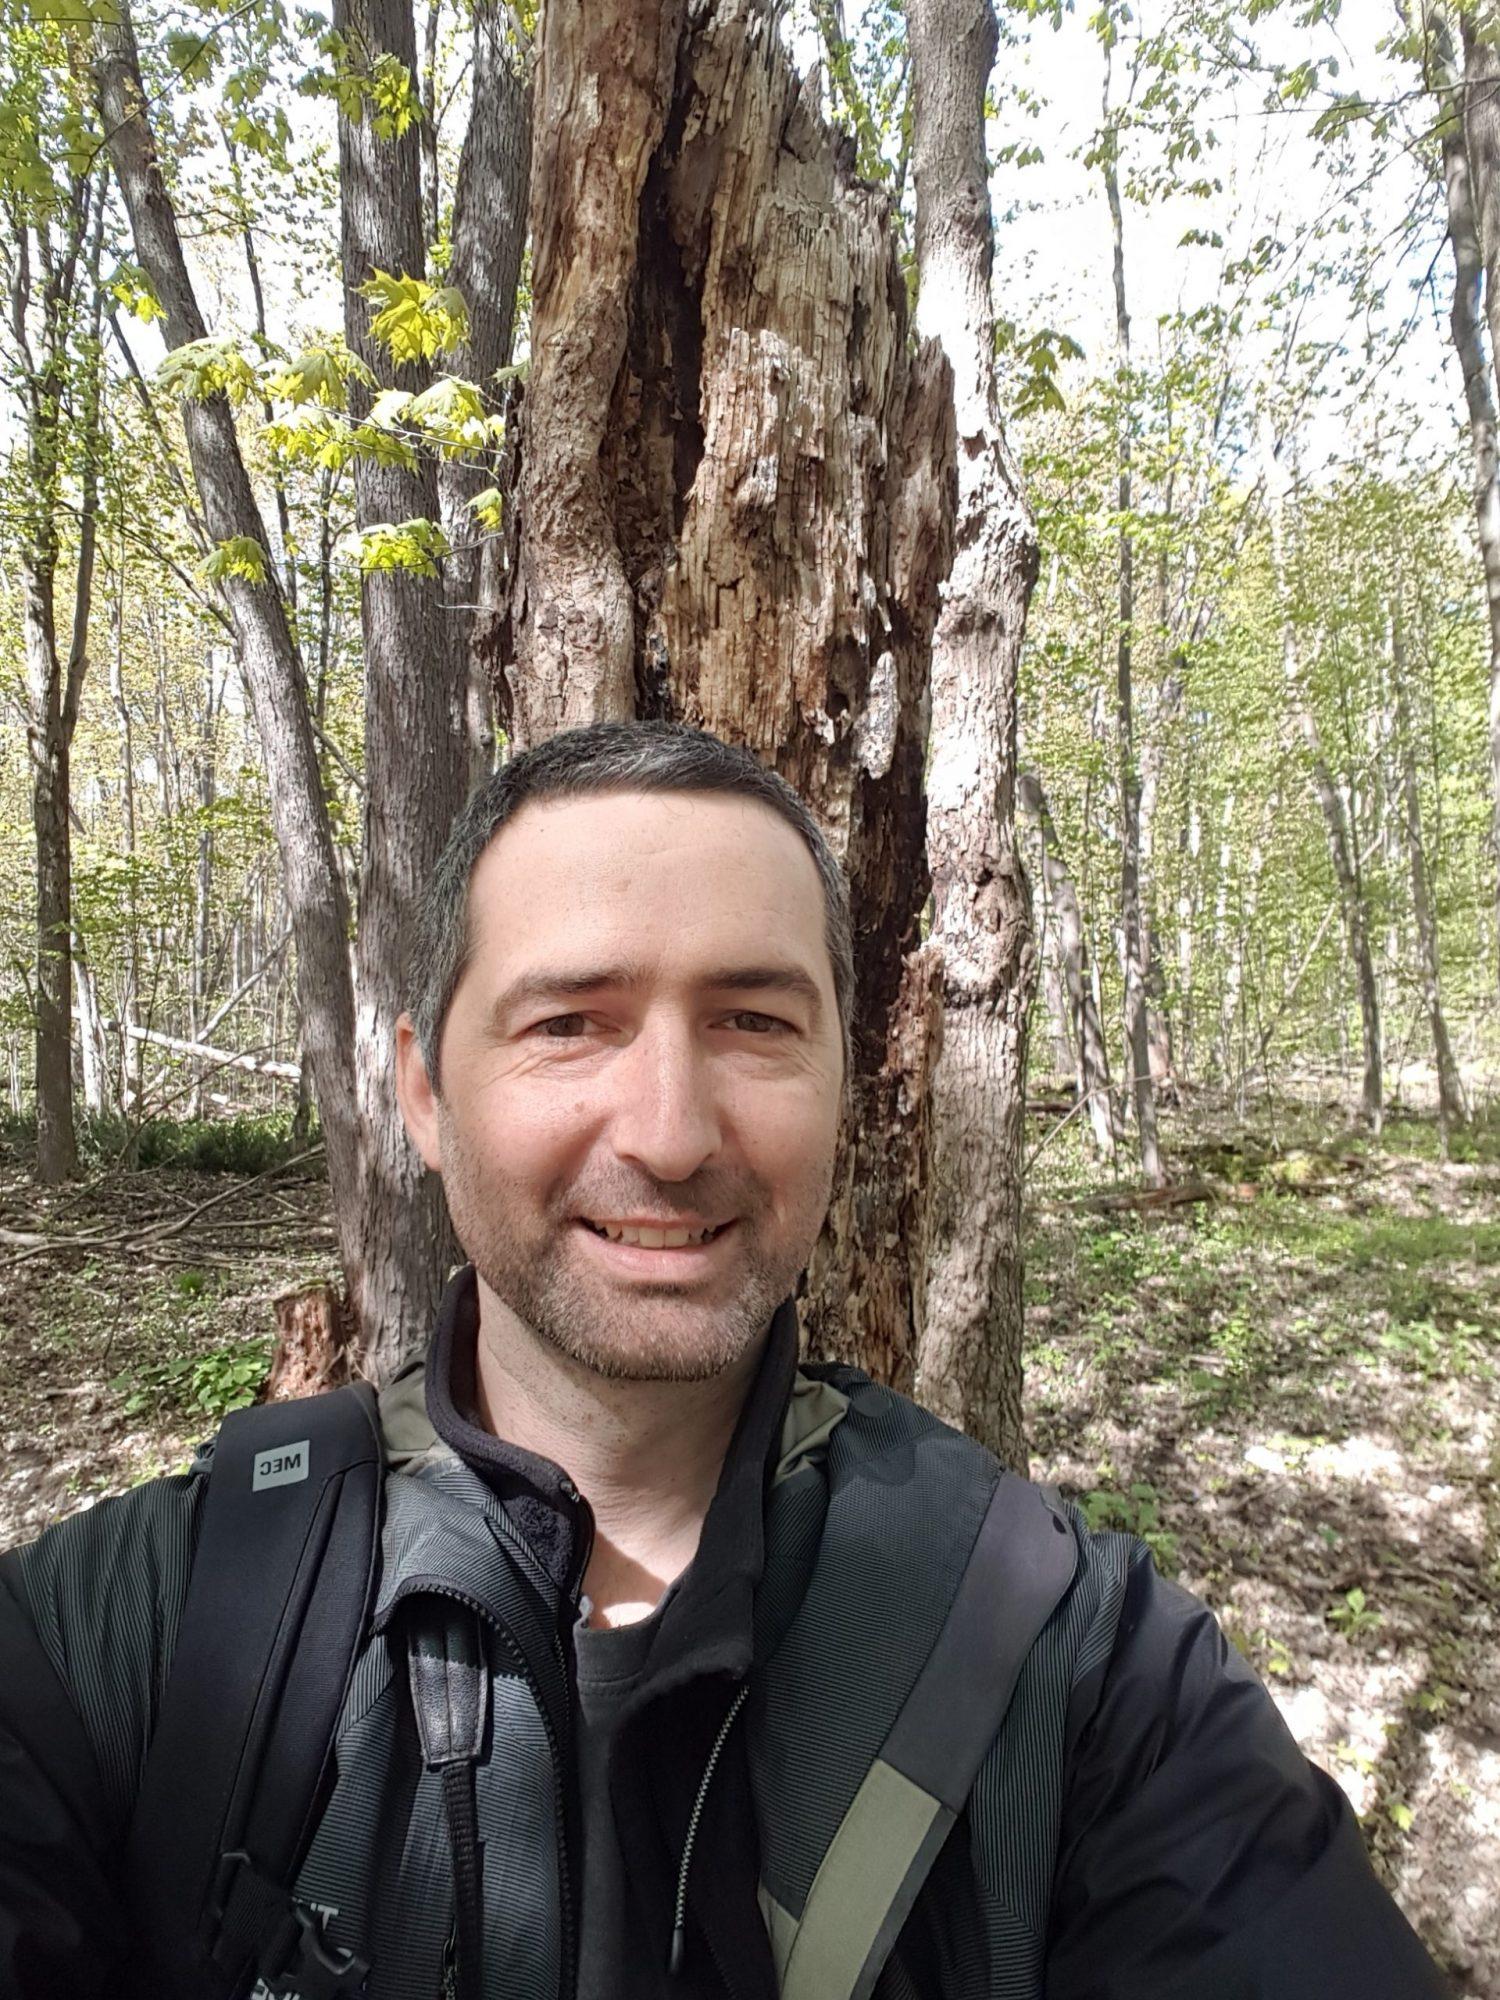 Philippe Cadieux sera le conférencier invité le 15 octobre 2021 pour nous entretenir de l'importance des arbres sénescents ou morts pour la diversité forestière.